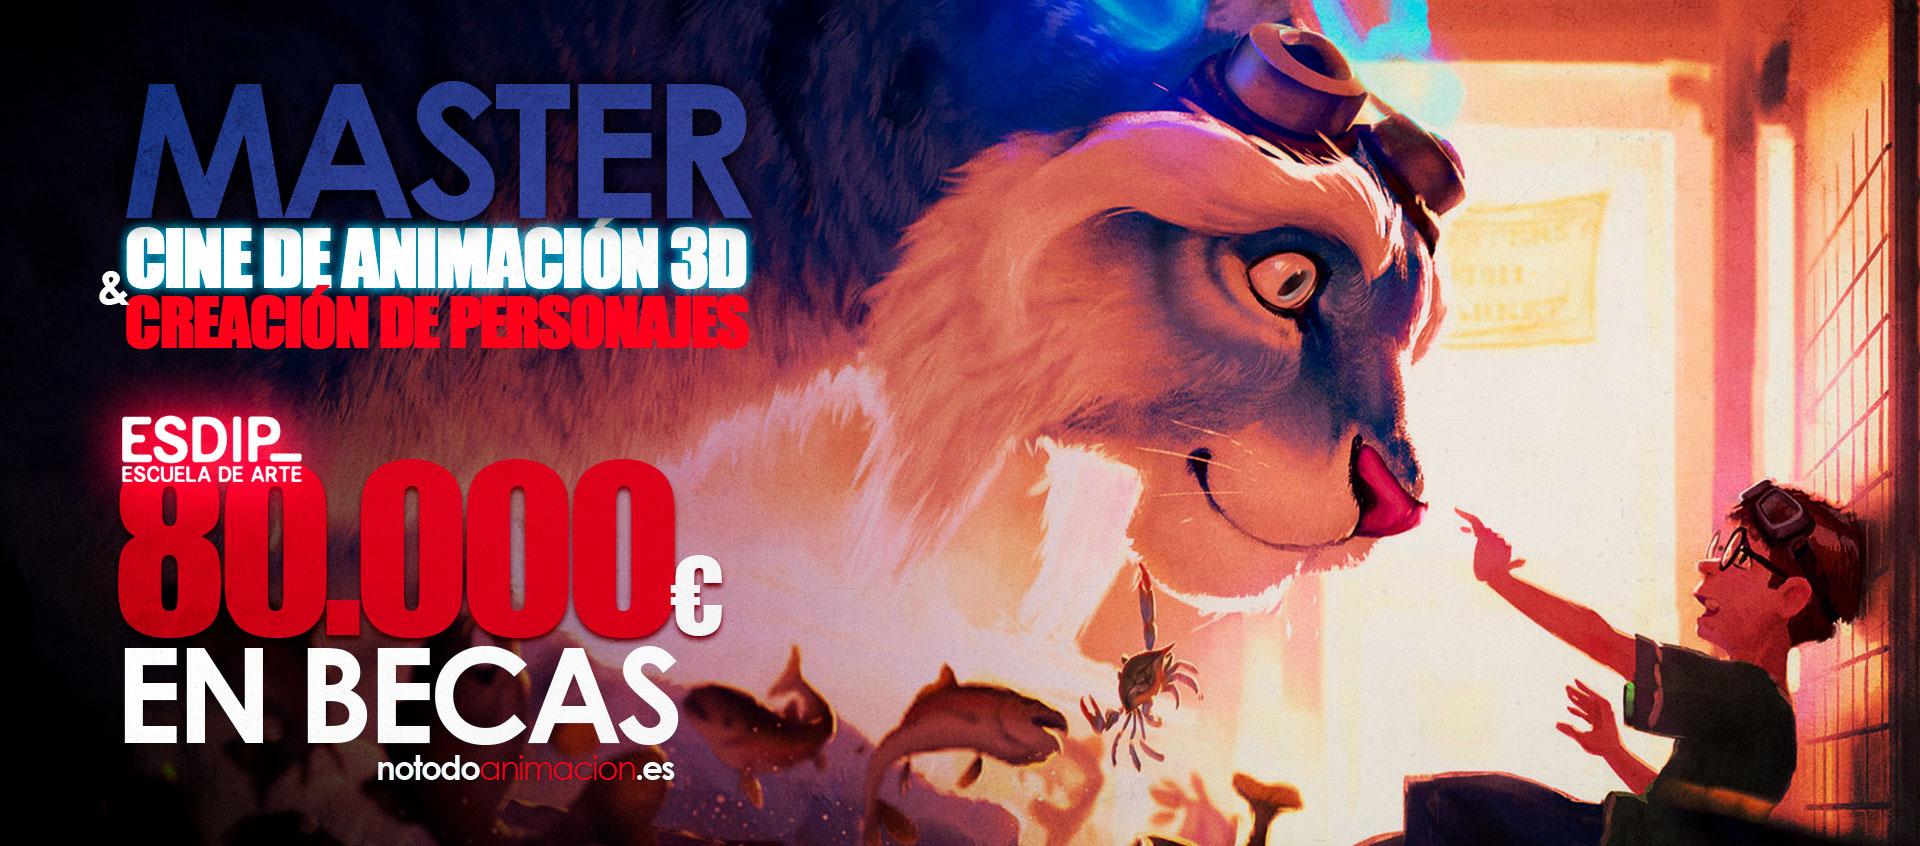 MASTER CINE DE ANIMACIÓN 3D Y CREACIÓN DE PERSONAJES – ESDIP